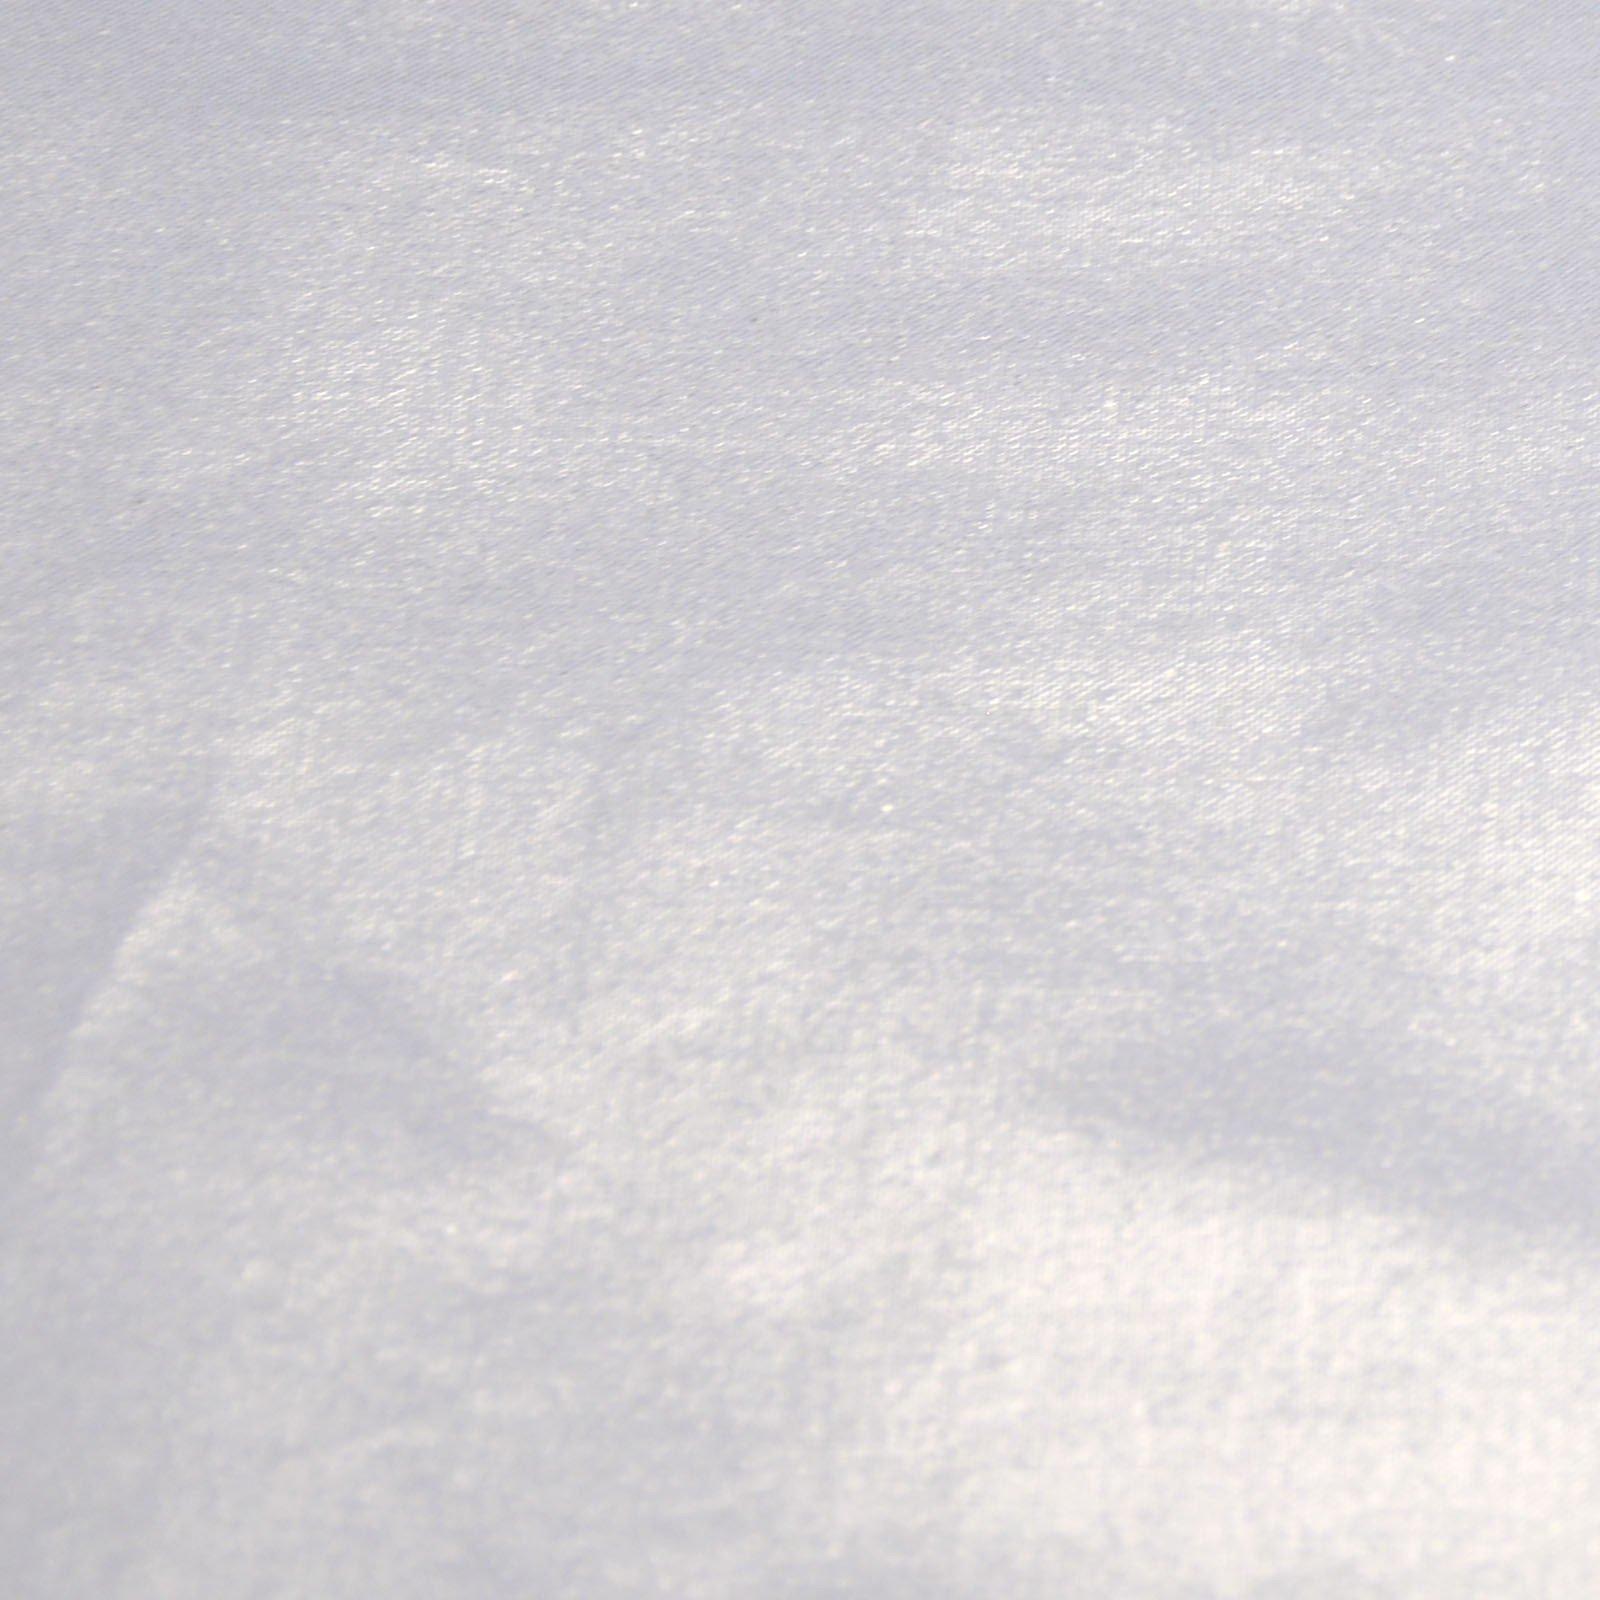 Glitz - Silver / White<br/>Maywood Studio GLI-SIW